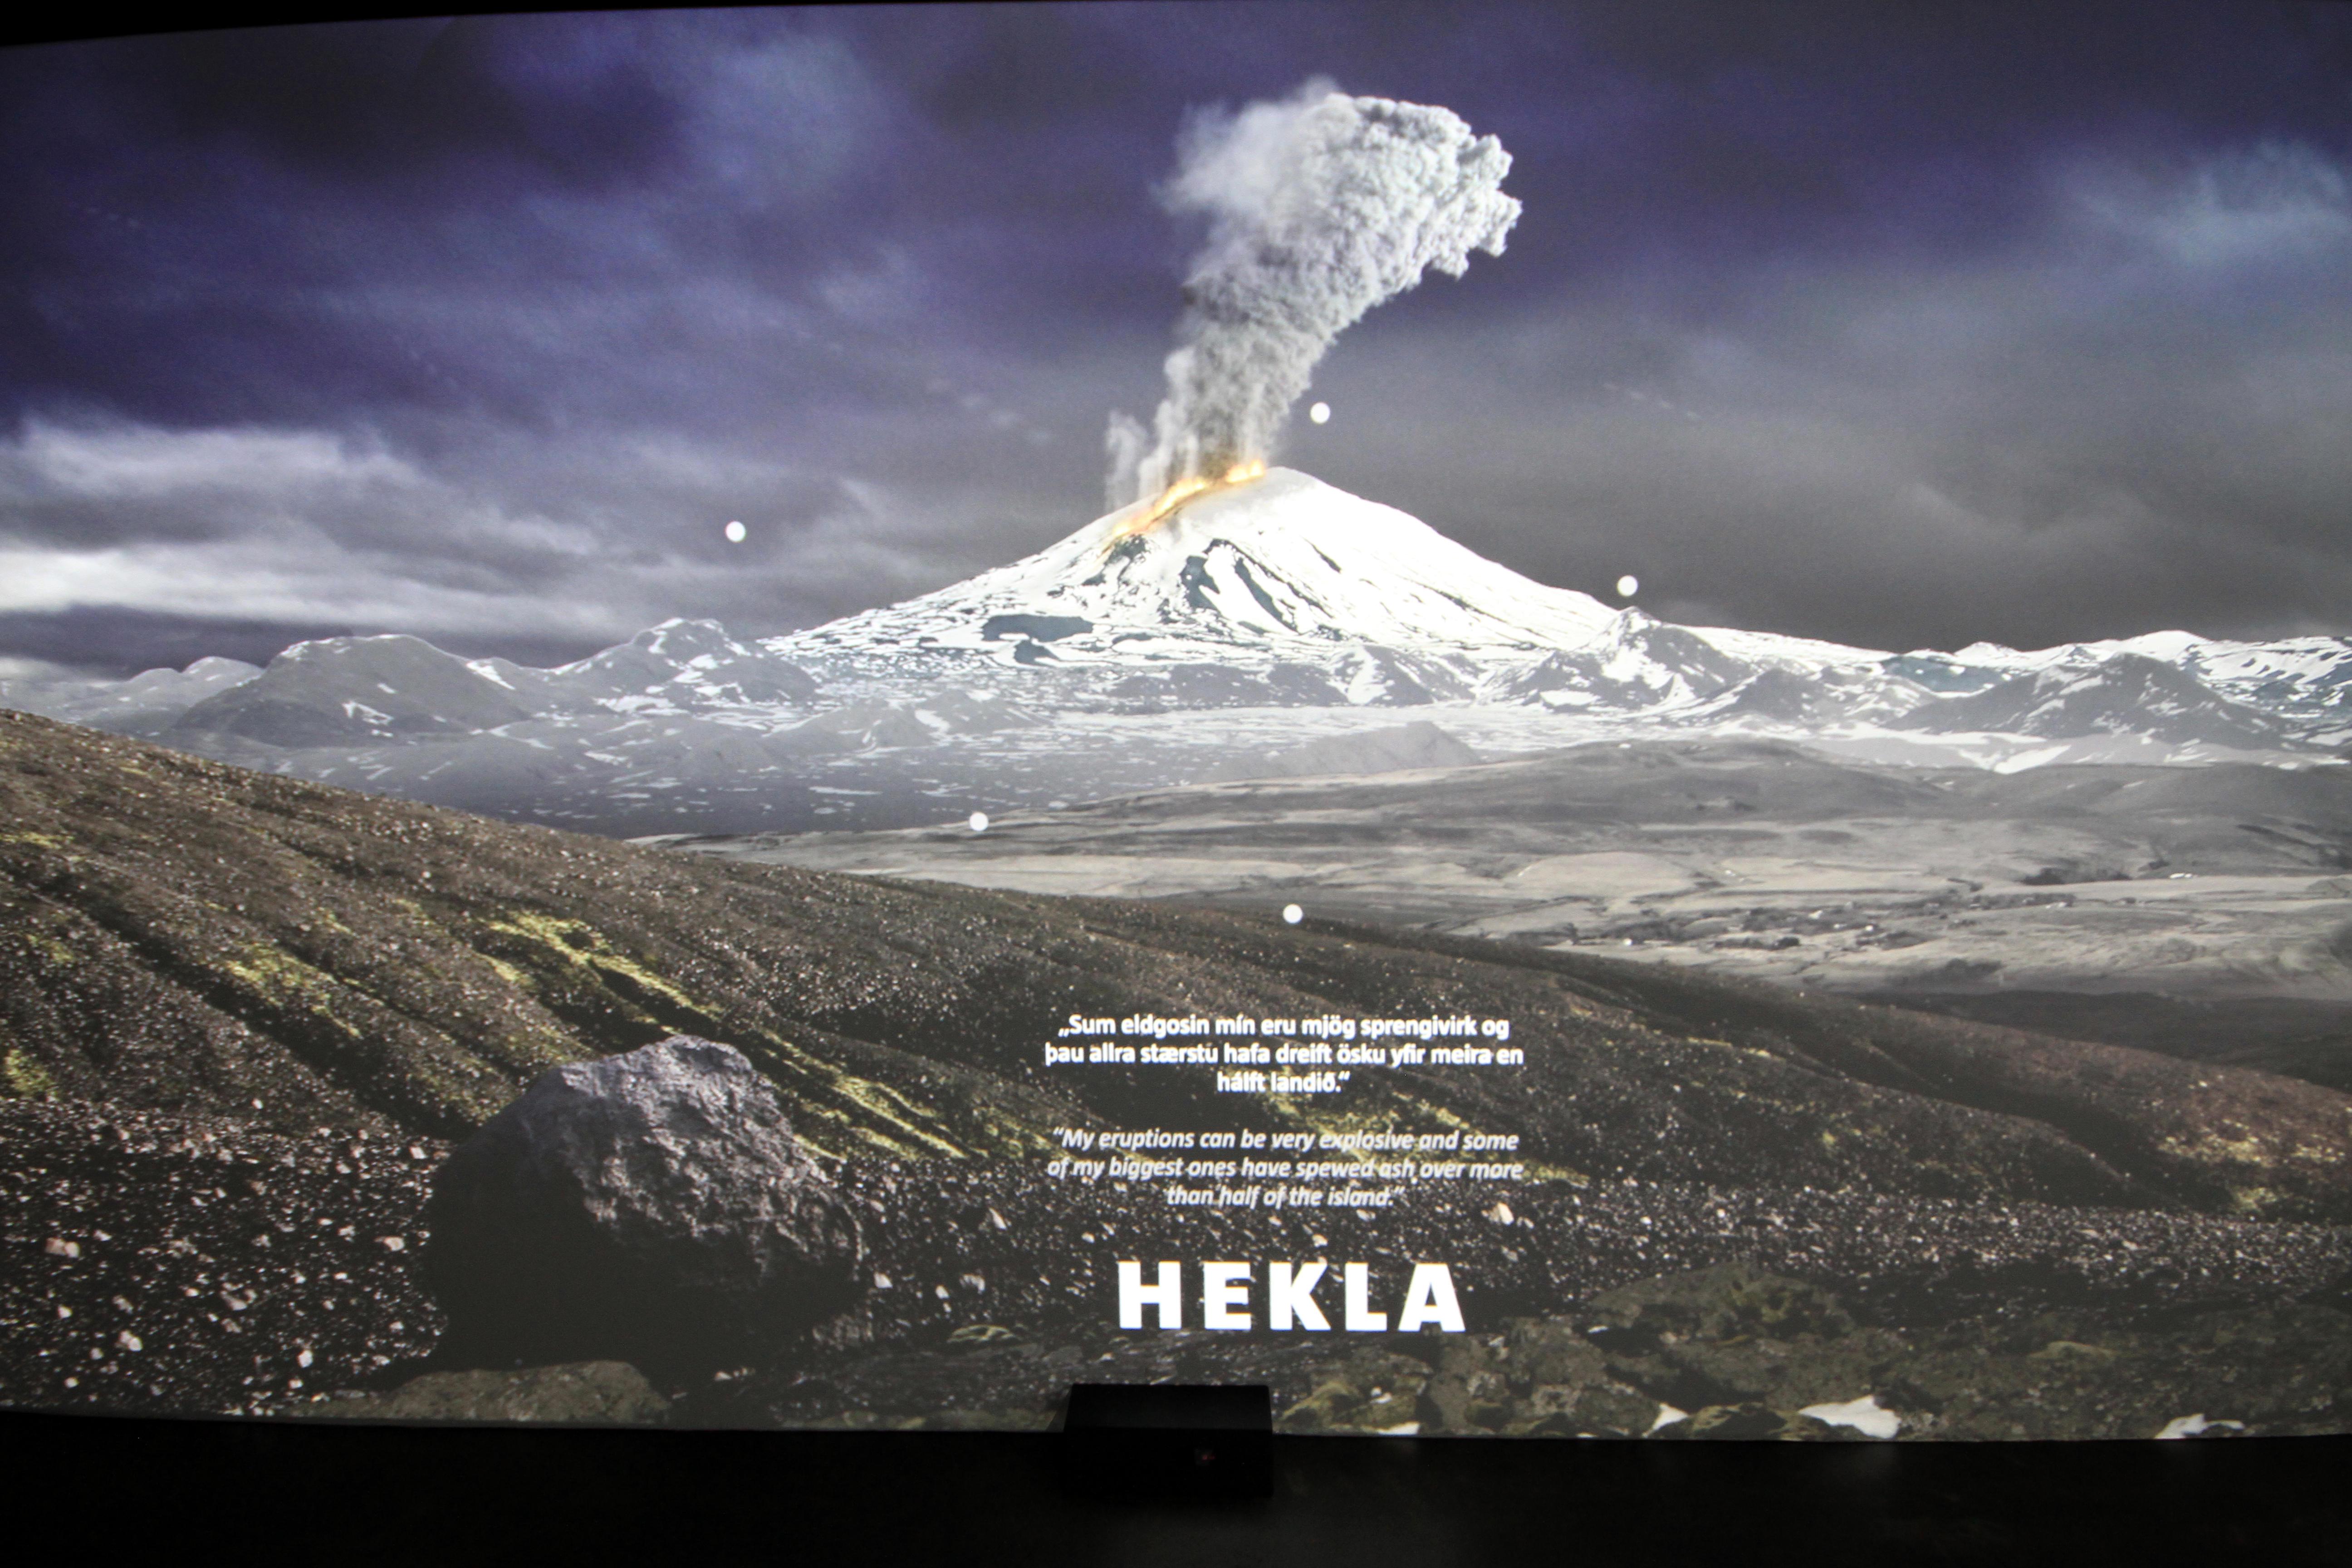 Der Vulkan Hekla, dargestellt im großen Panorama der Vulkane im Lava Center in Island